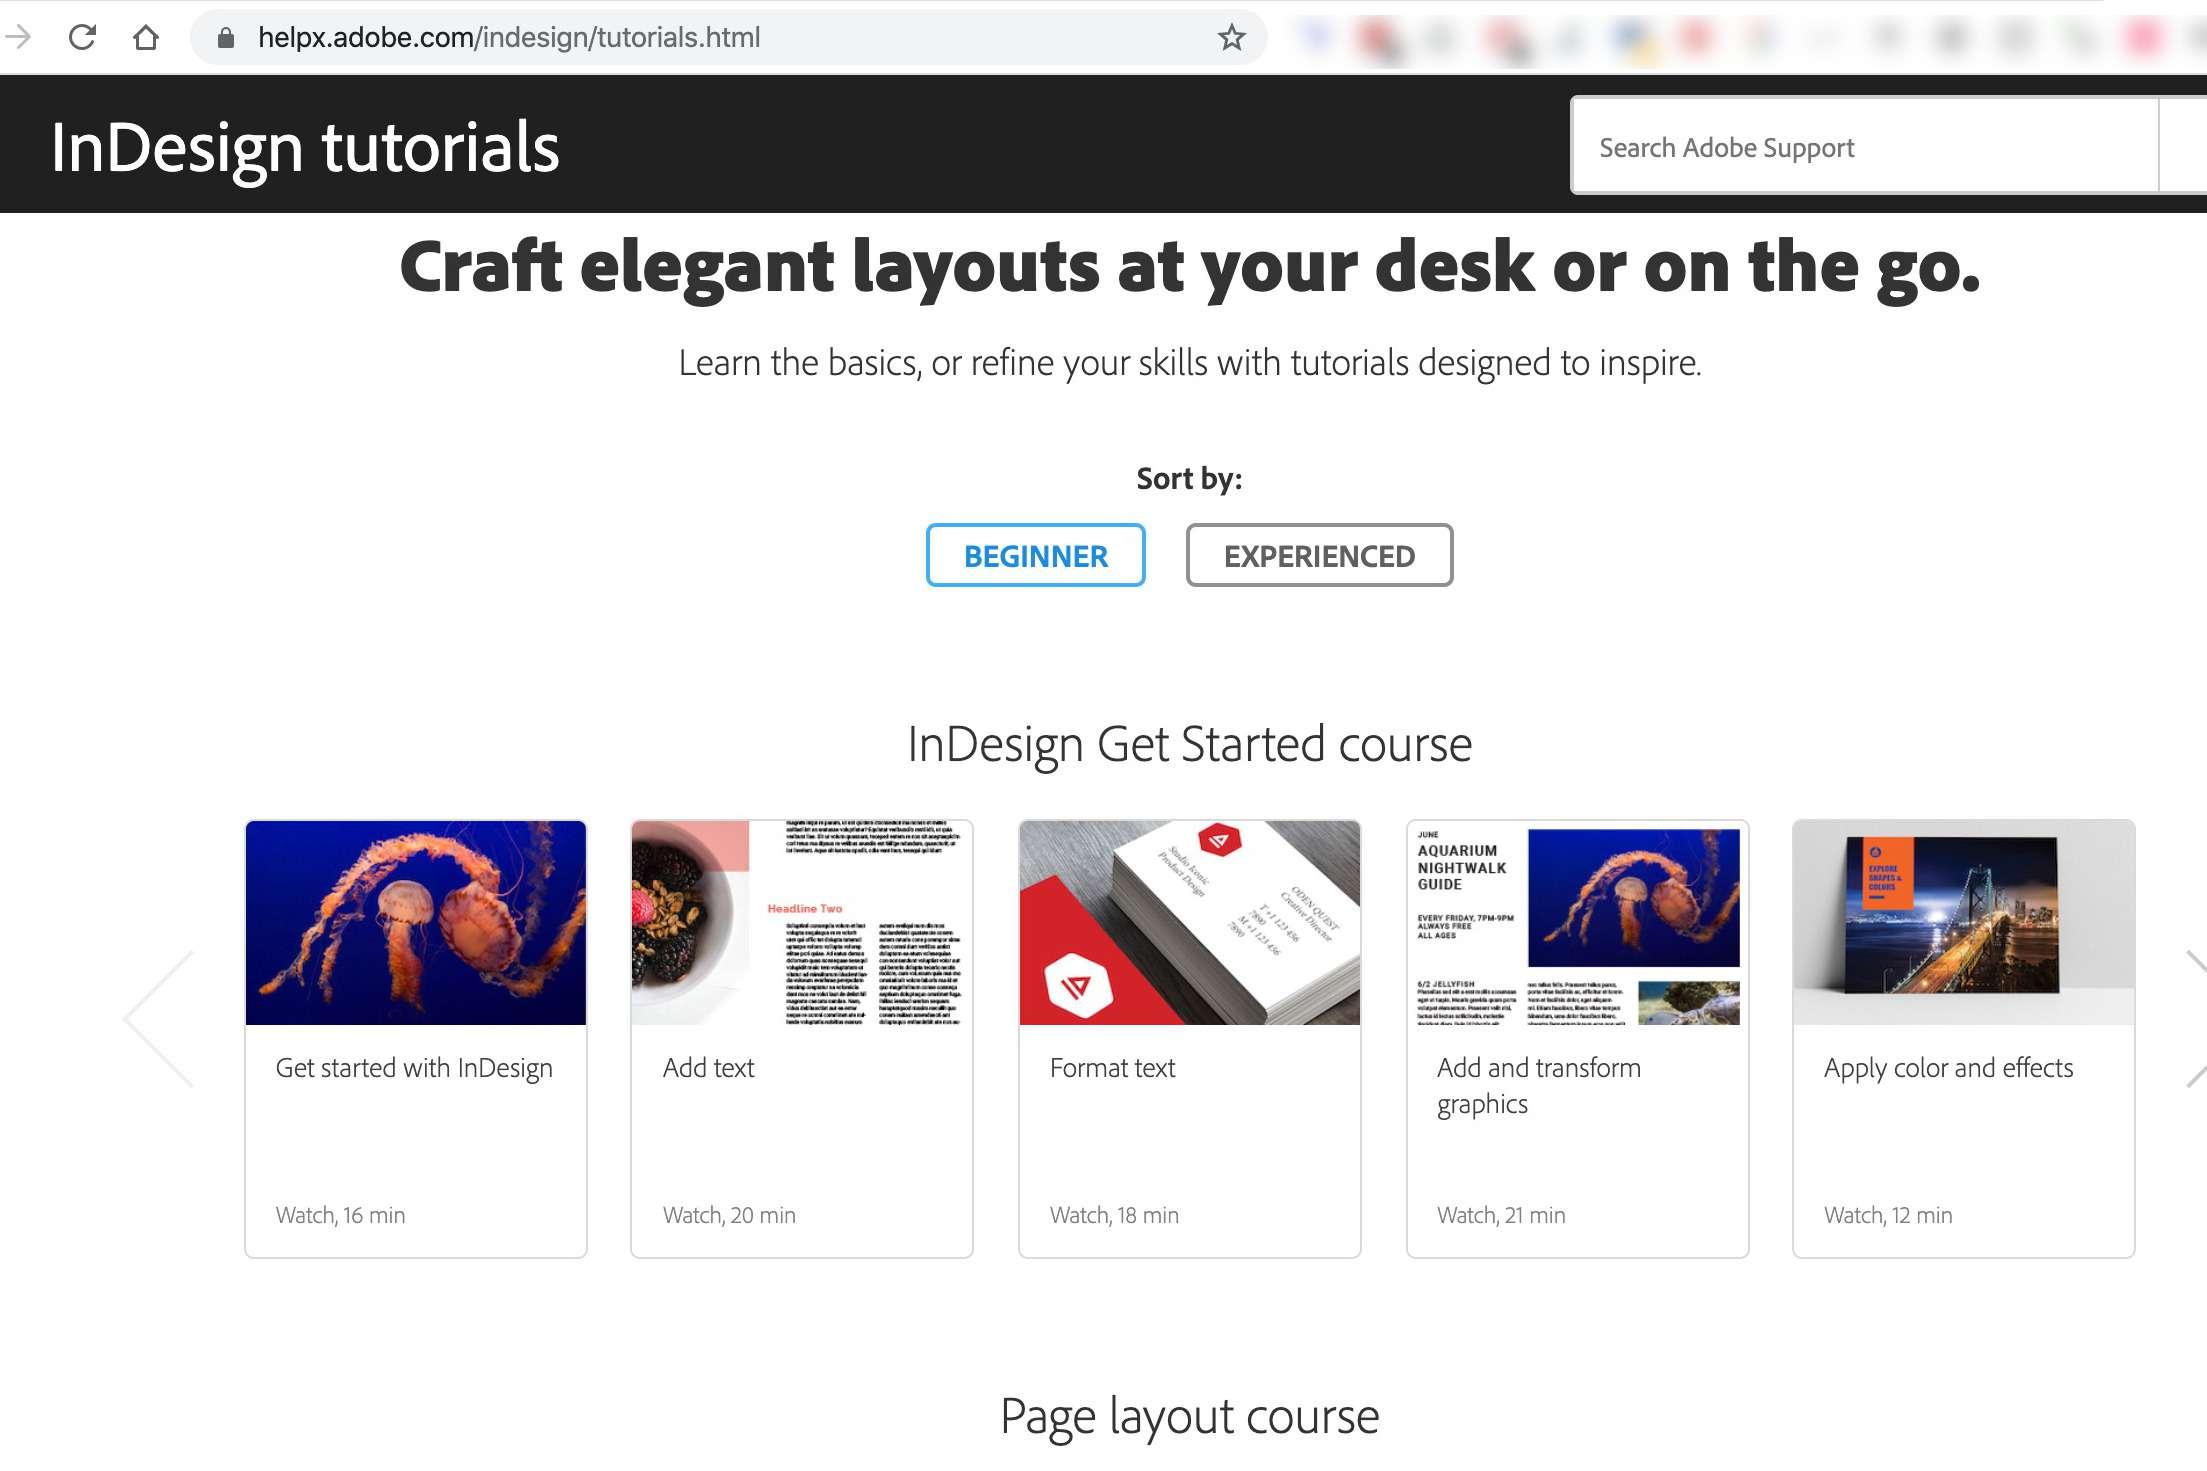 Adobe InDesign tutorials page